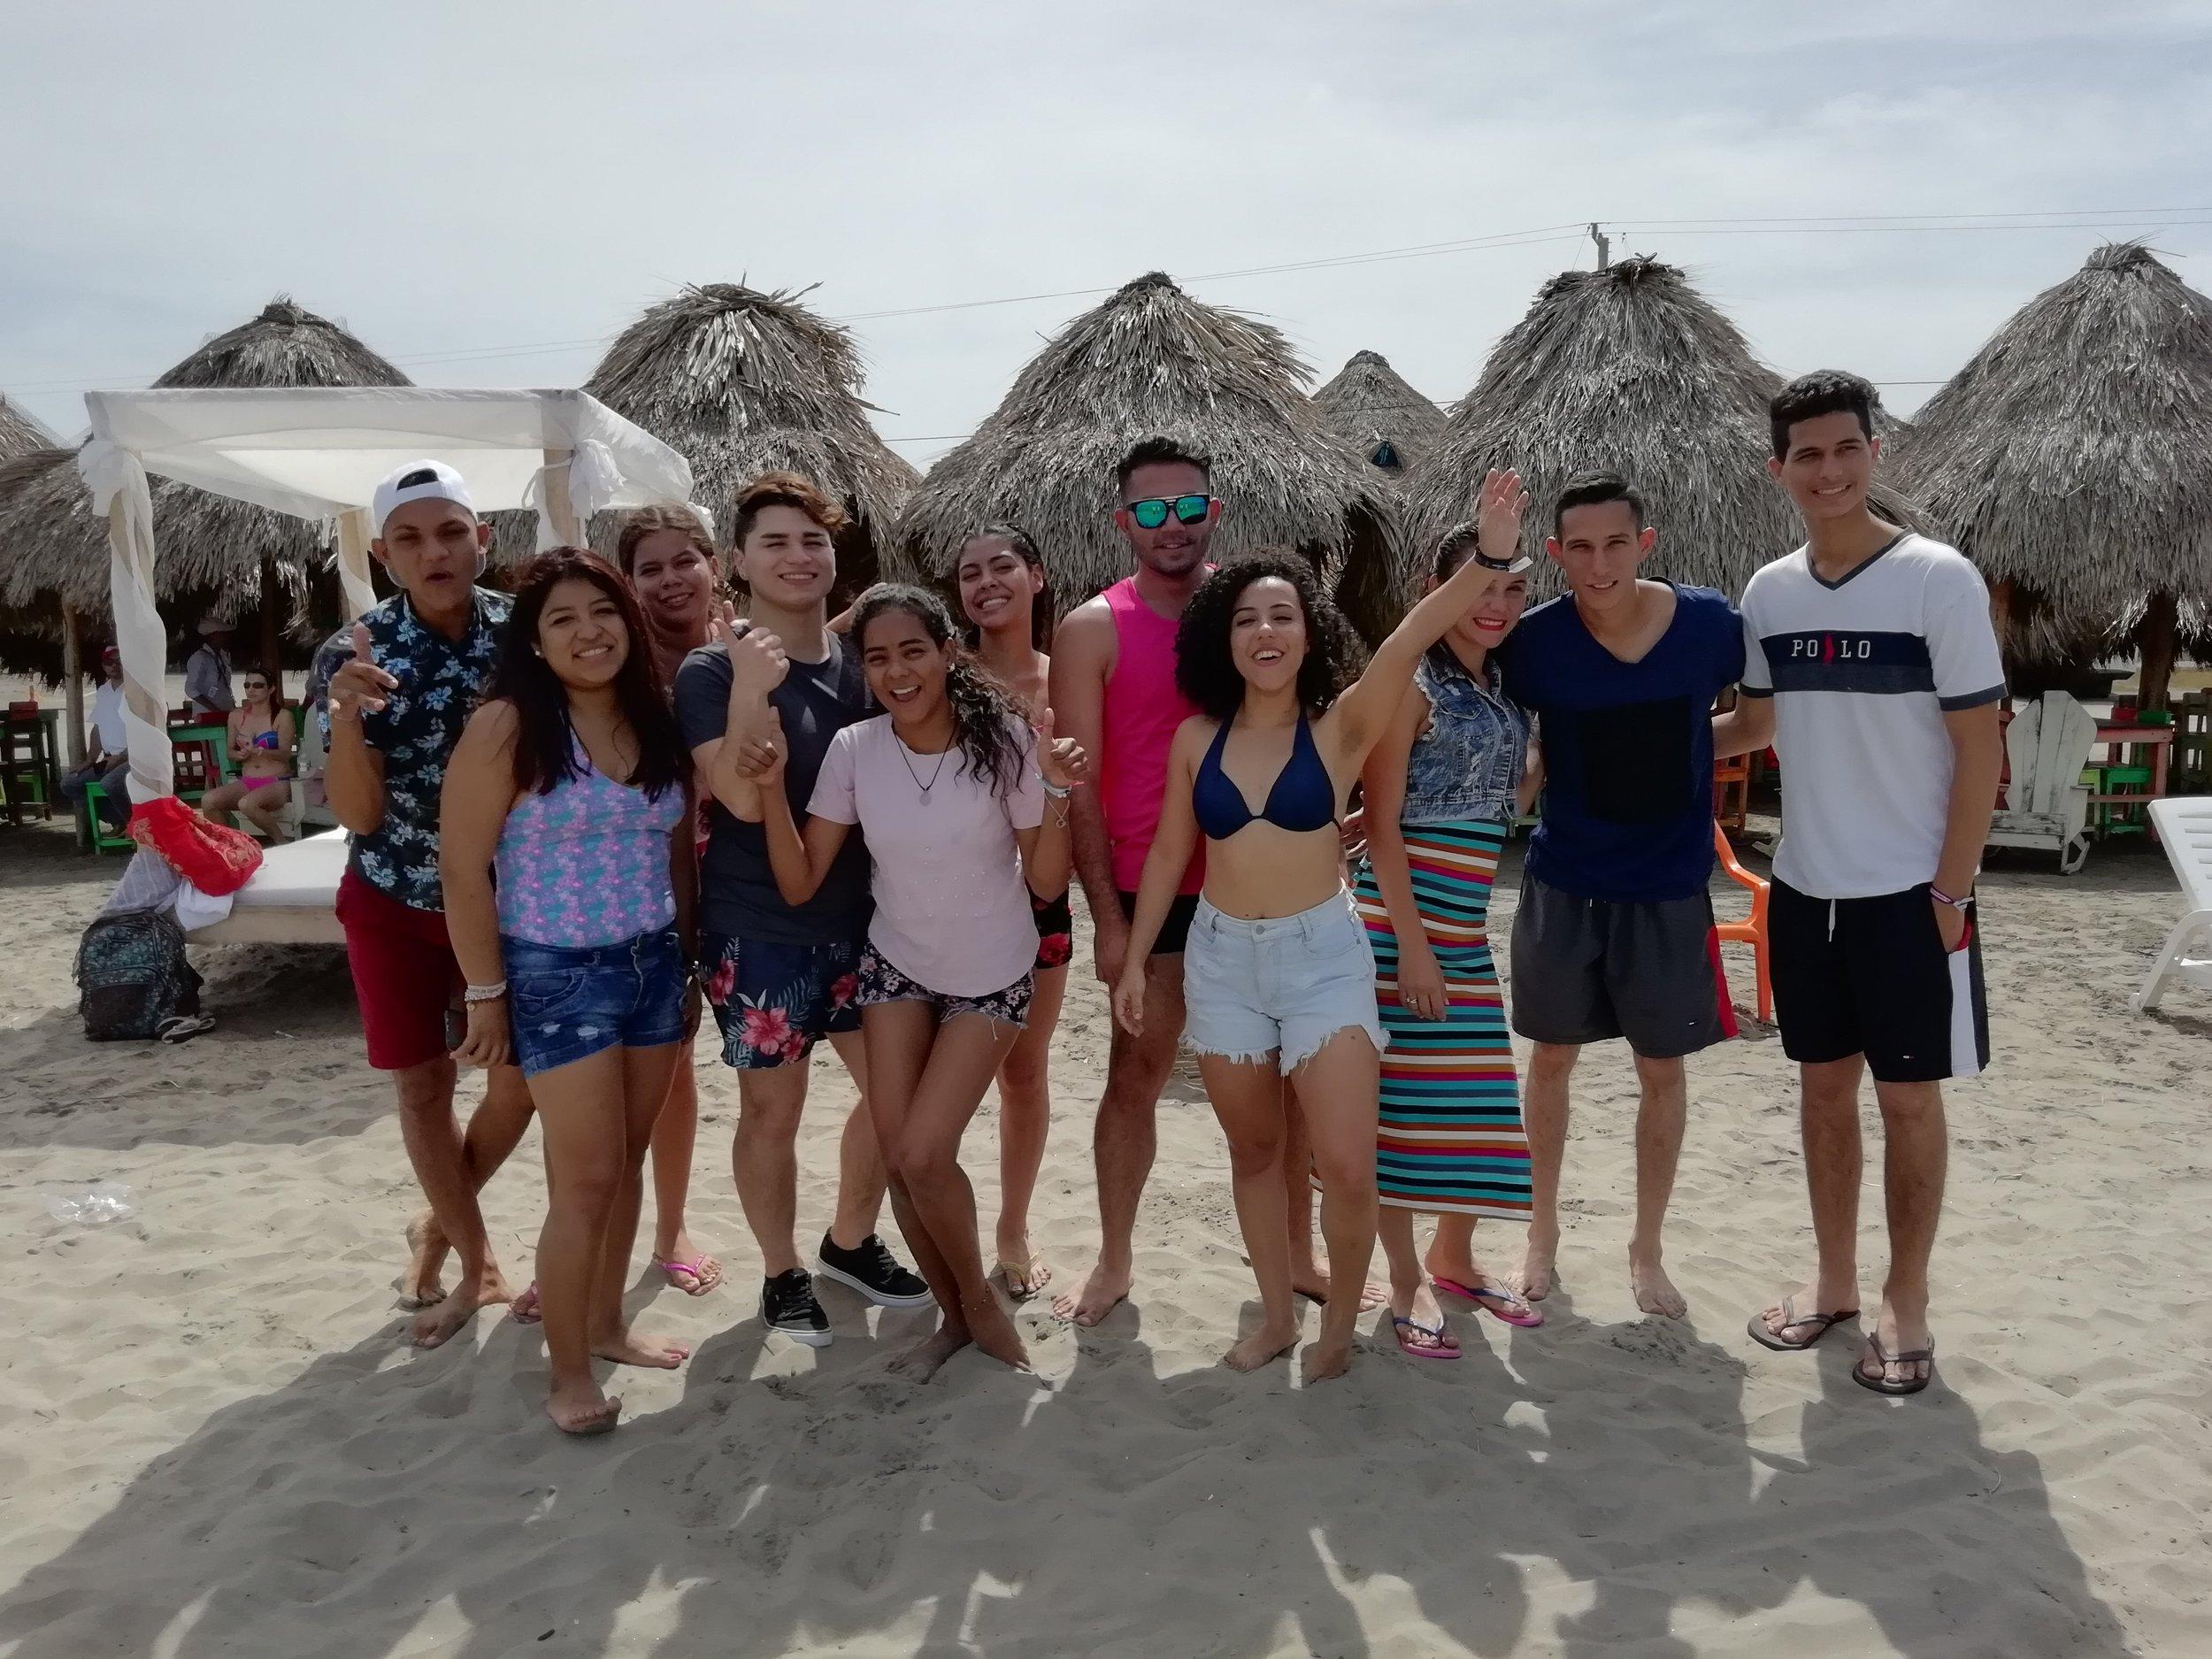 HDYO at risk youth at the beach